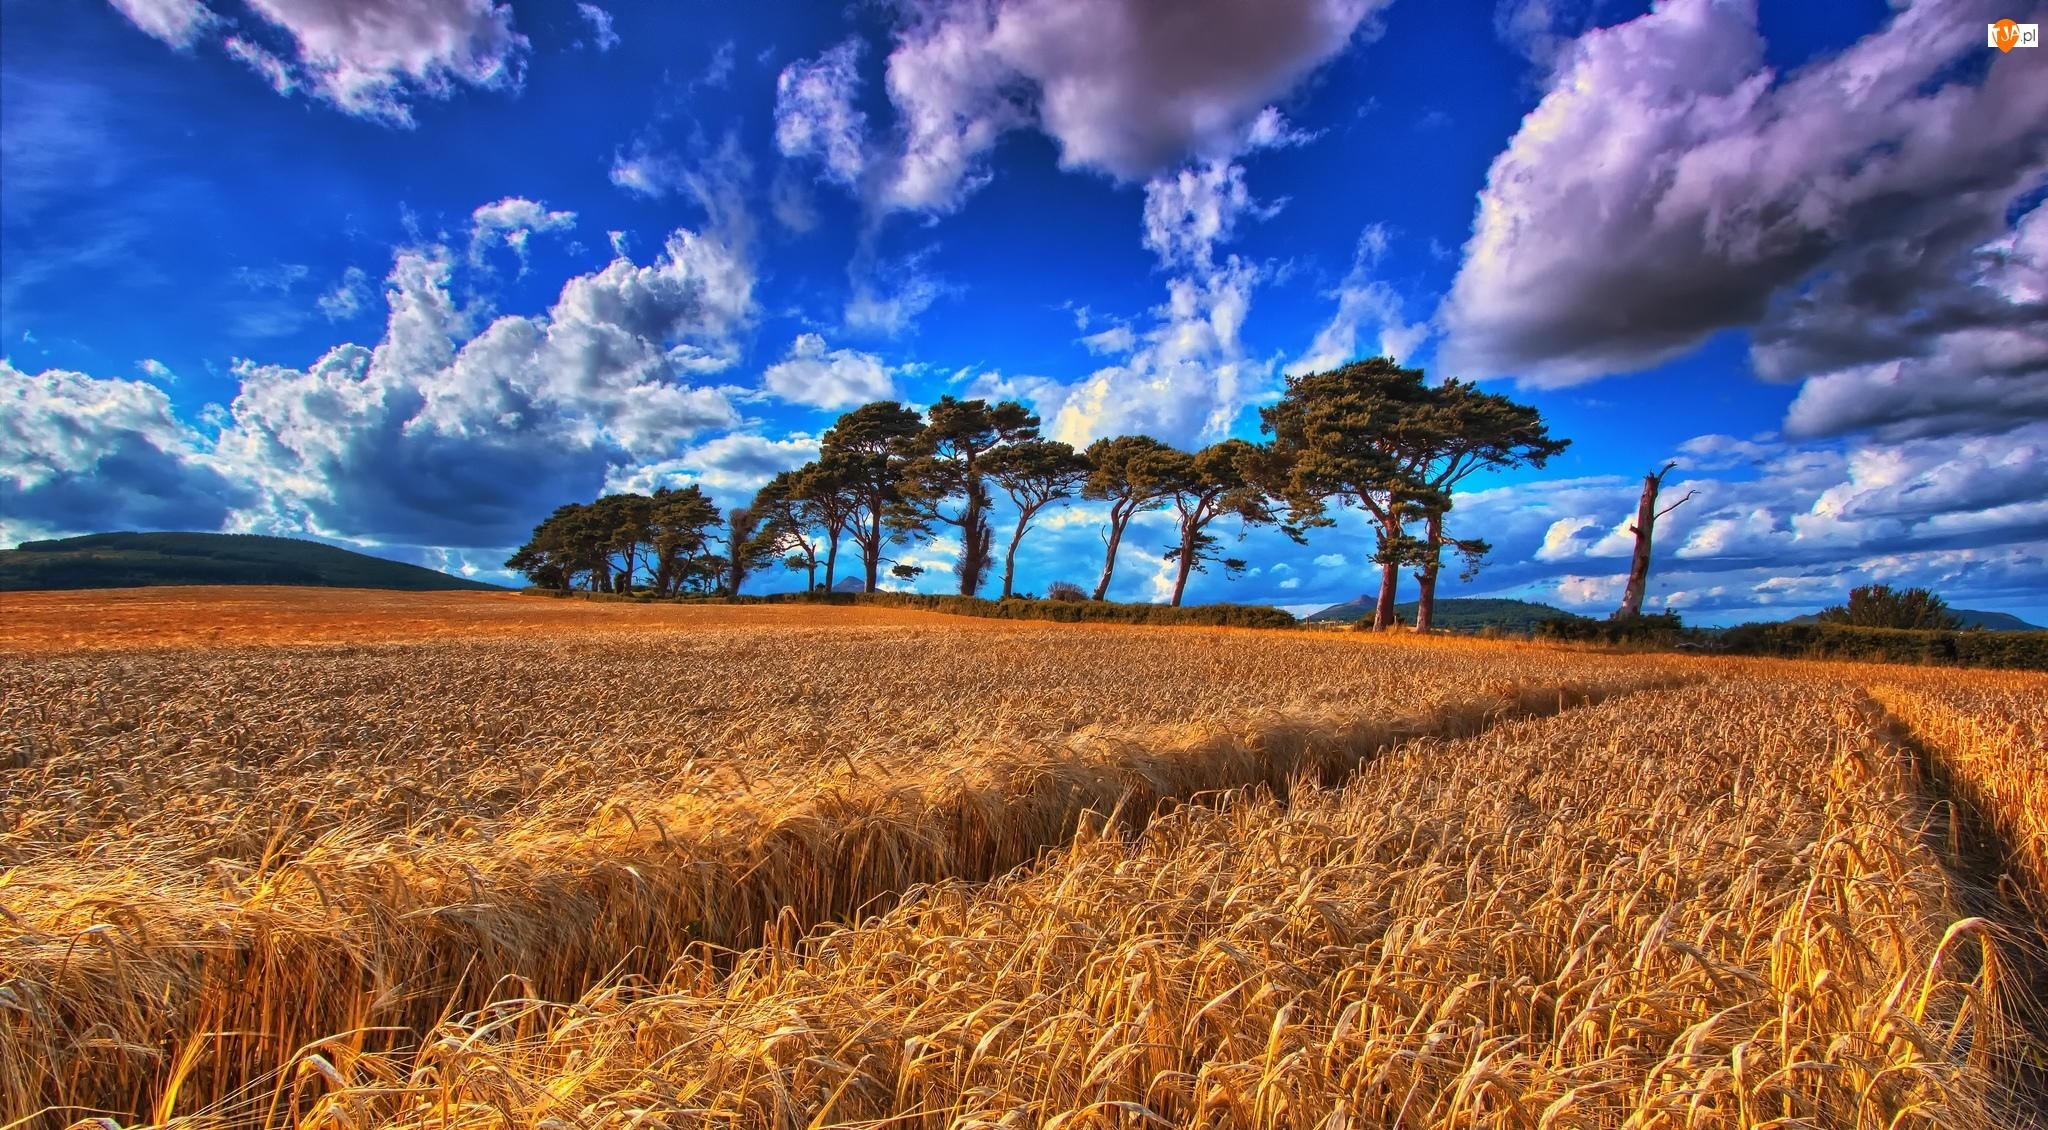 Pole, Chmury, Zboże, Drzewa